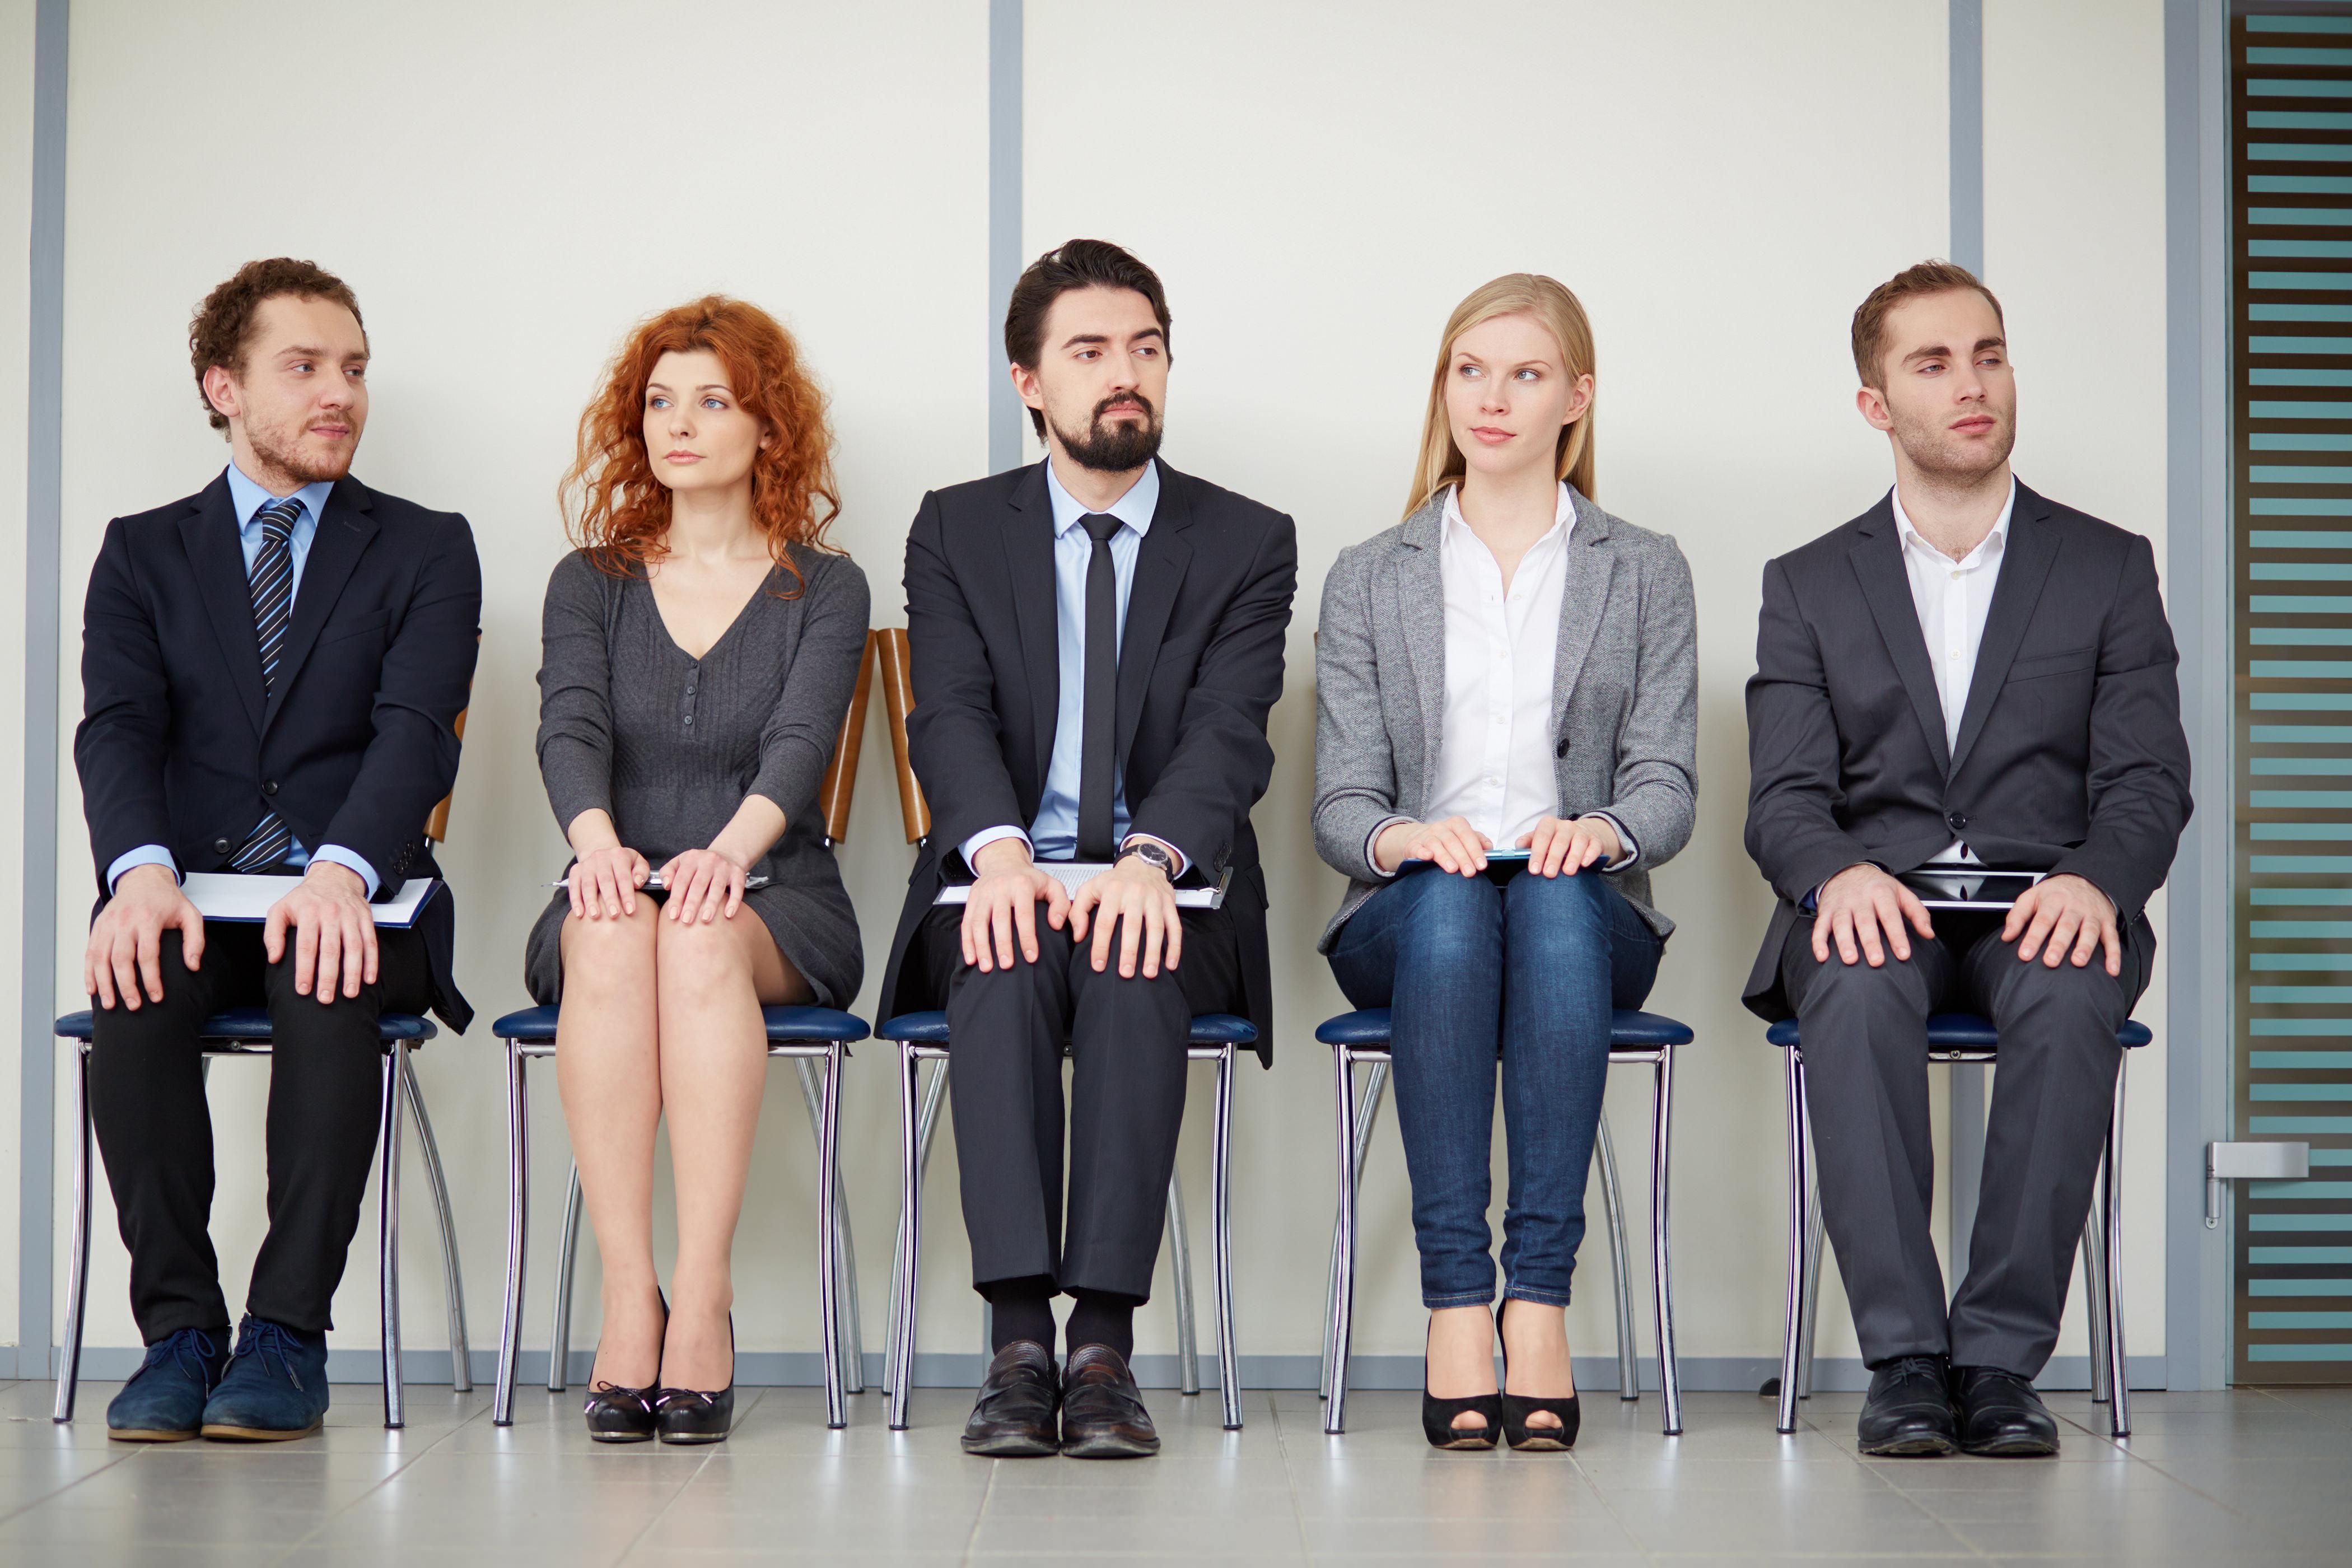 Ufficio Lavoro : Segretaria si distrae durante lo stressante lavoro d ufficio